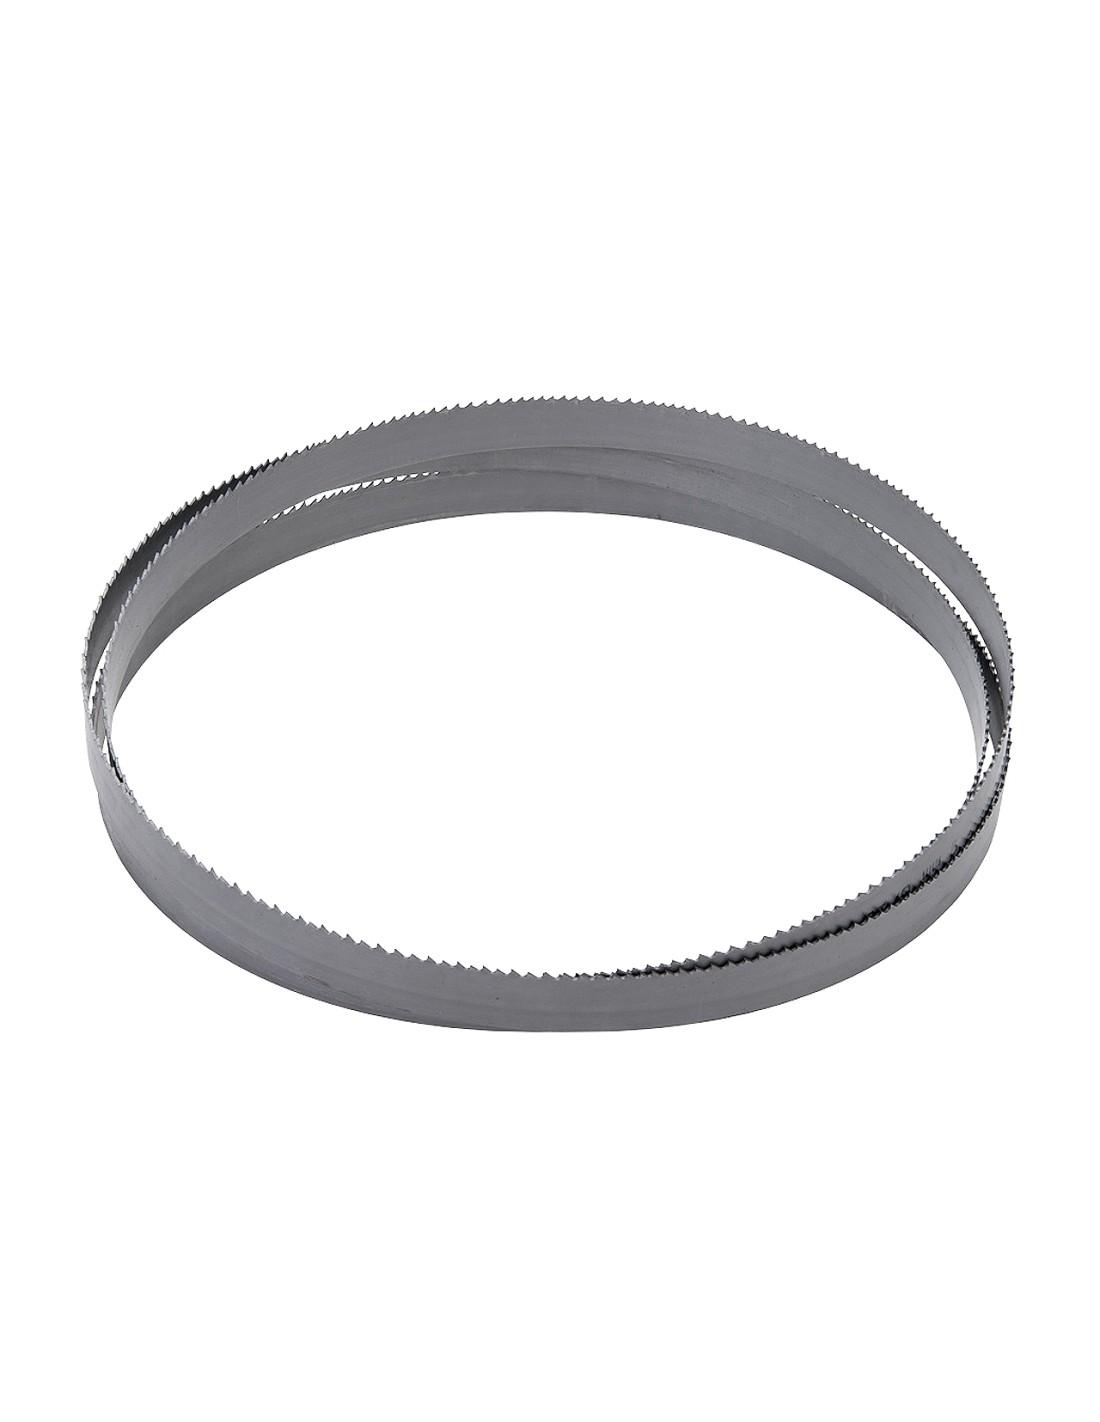 Panza pentru fierastrau cu banda M42 Bi-Metal 2360 x 19,0 x 0,90 mm - 10/14 TPI